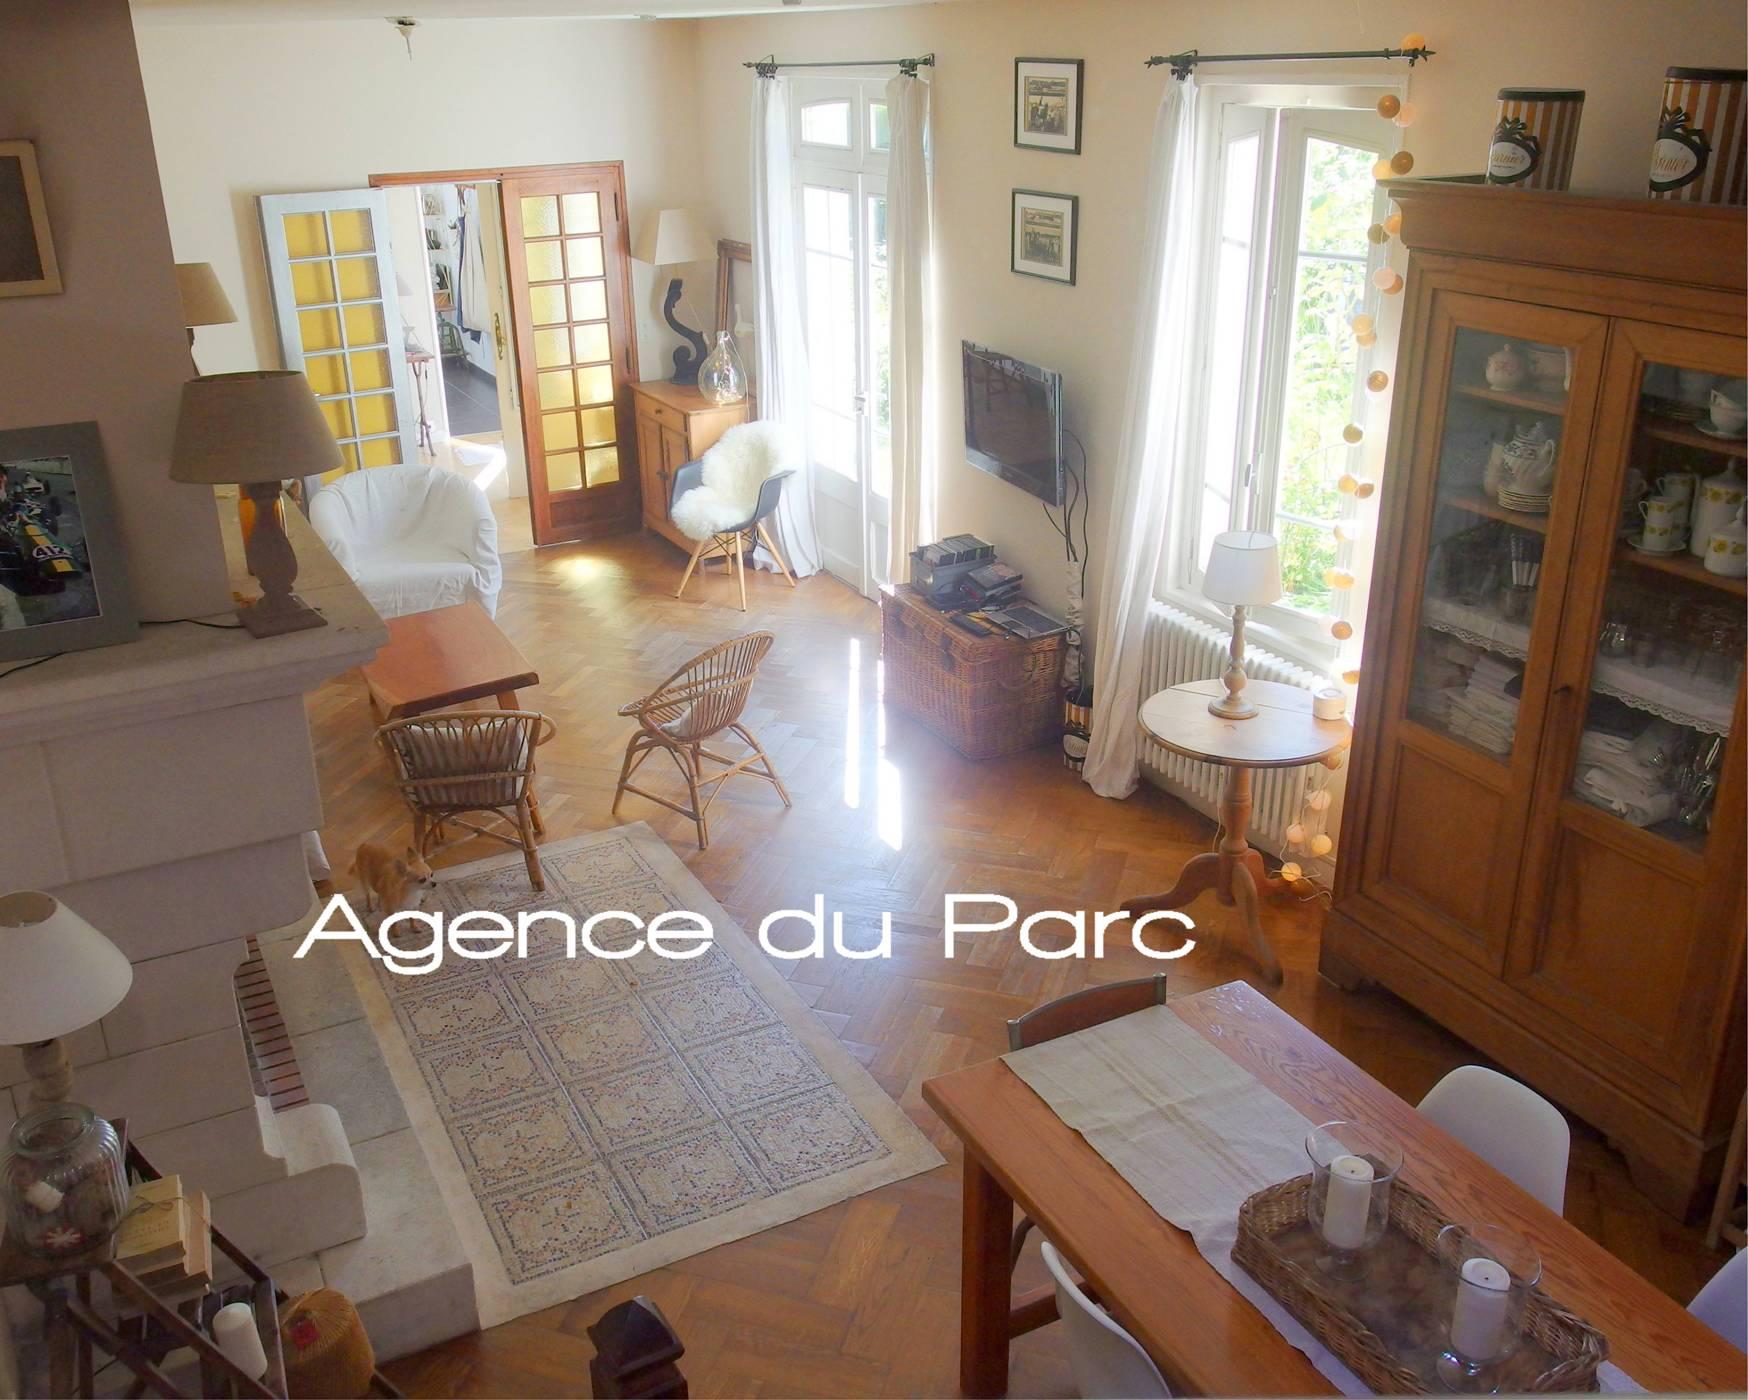 Acheter achat d 39 une maison de charme proche caudebec en for Acheter une maison par agence immobiliere